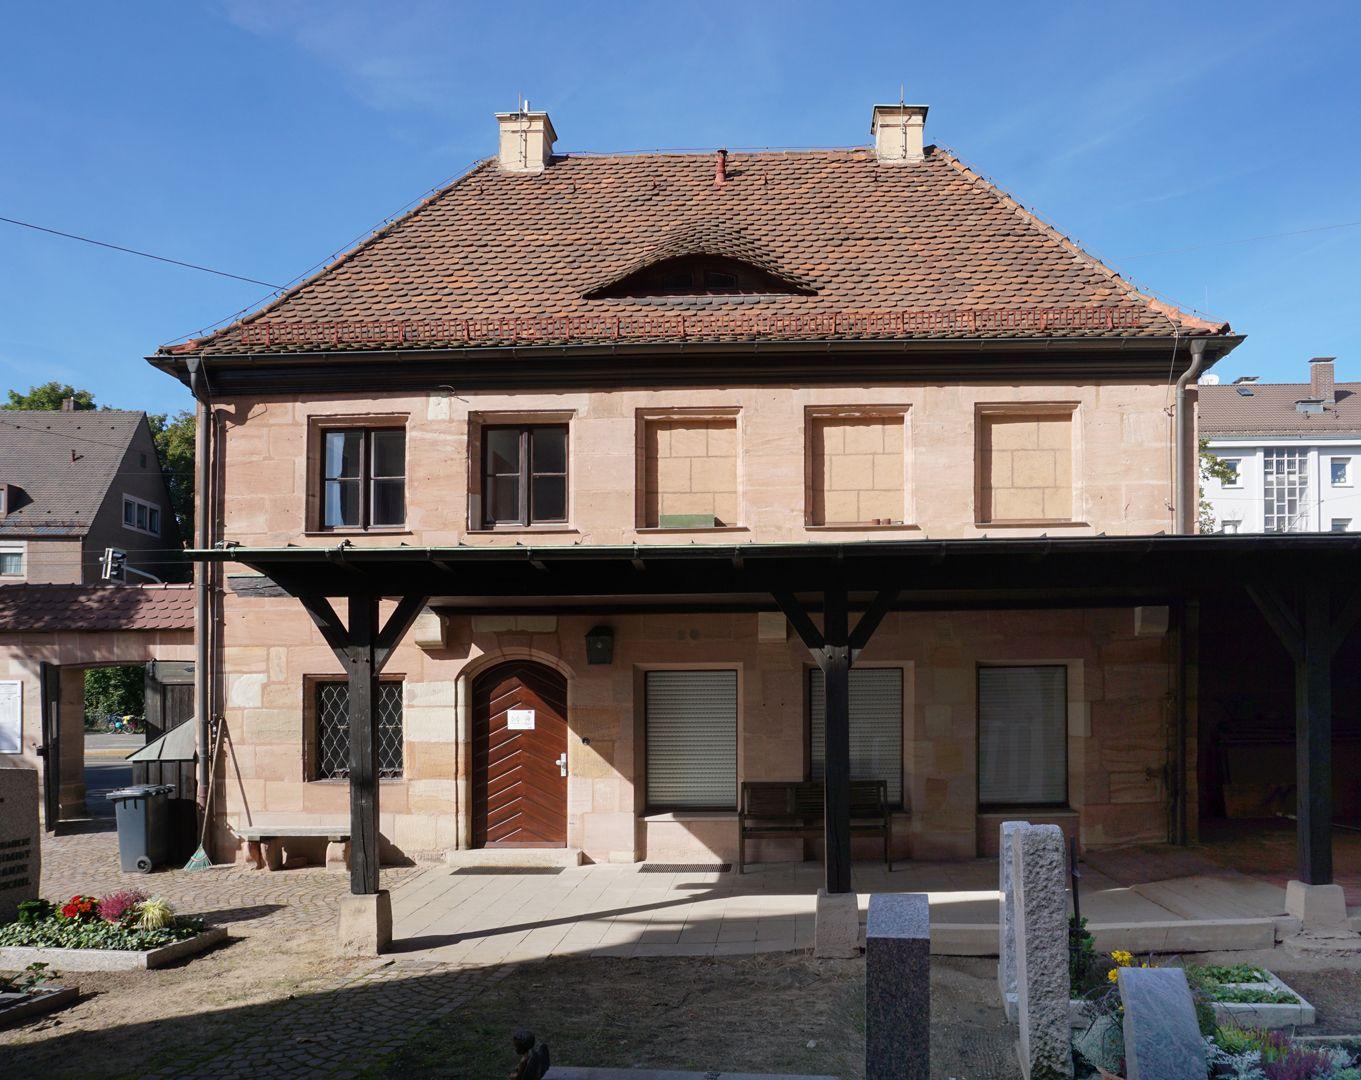 Pförtnerhaus des Friedhofs St. Jobst Rückfassade